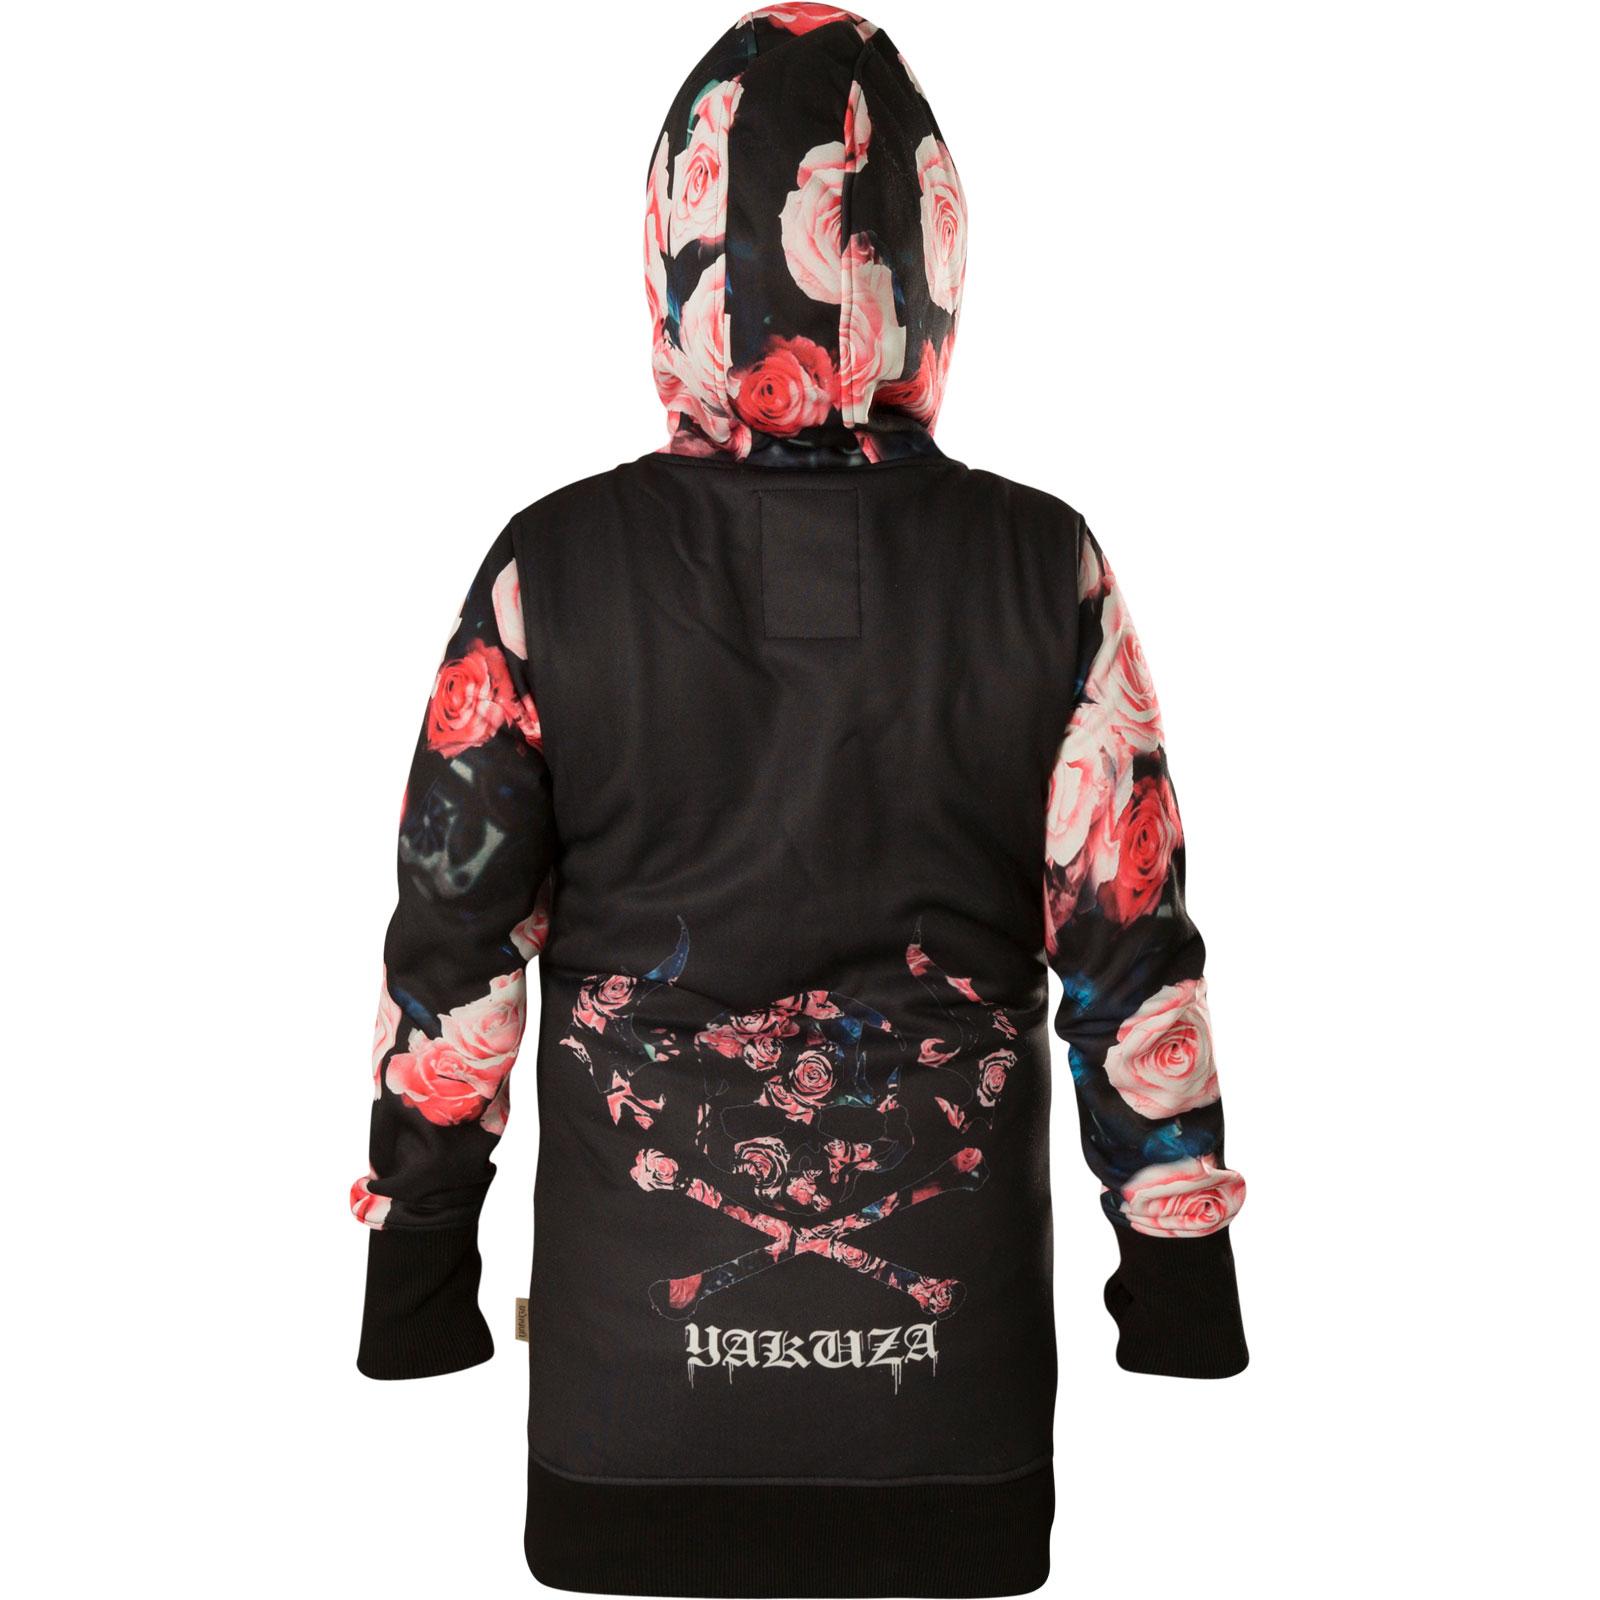 YAKUZA Damen Roses Hooded Long Jacket GLHZB-13110 Black Schwarz Jacken